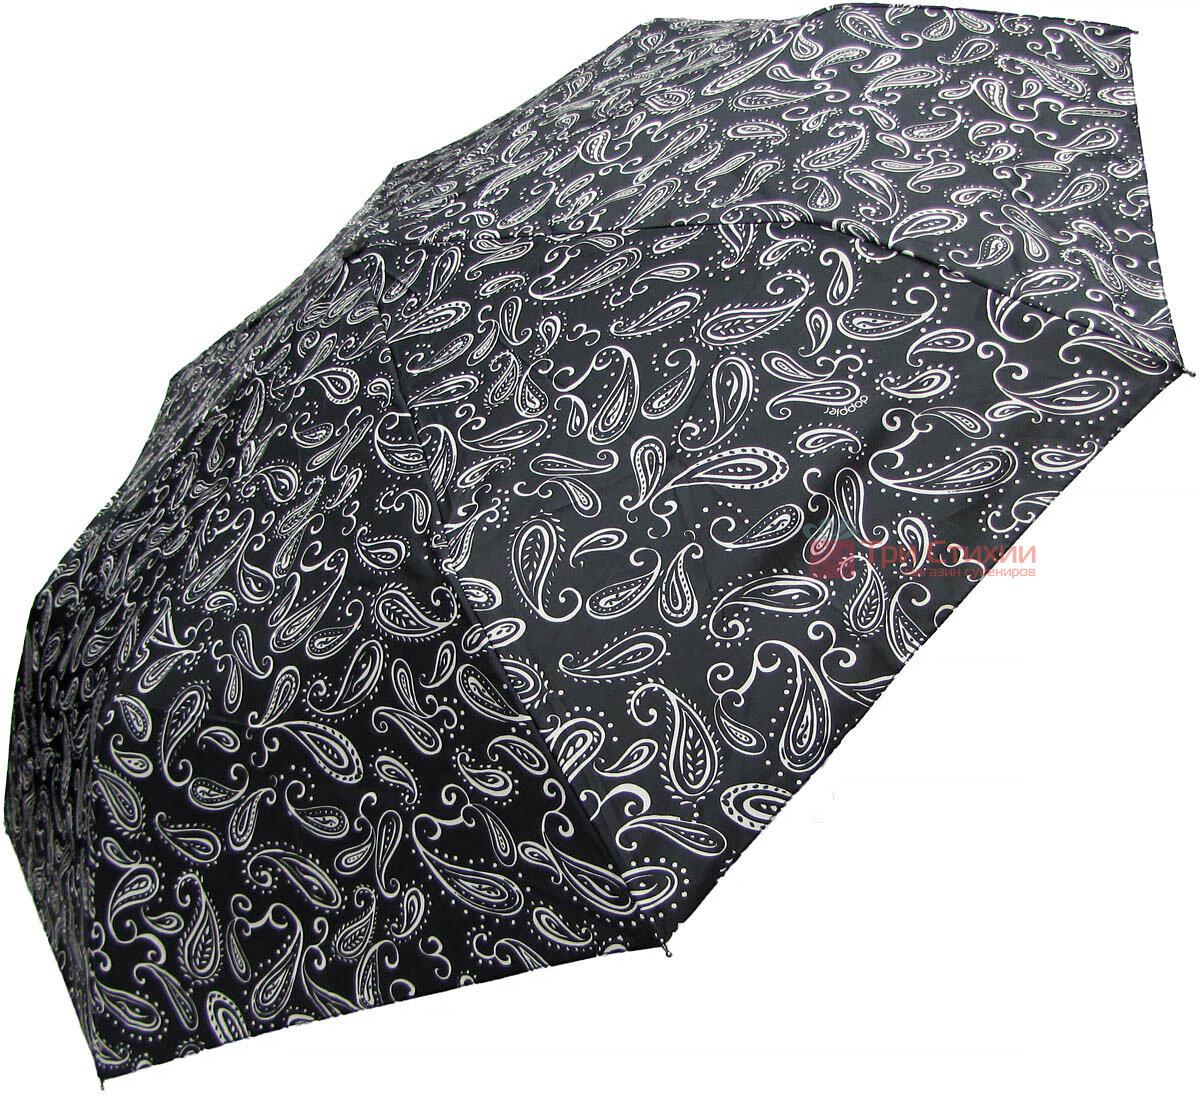 Зонт складной Doppler 7441465BW05 полный автомат Черно-белый, фото